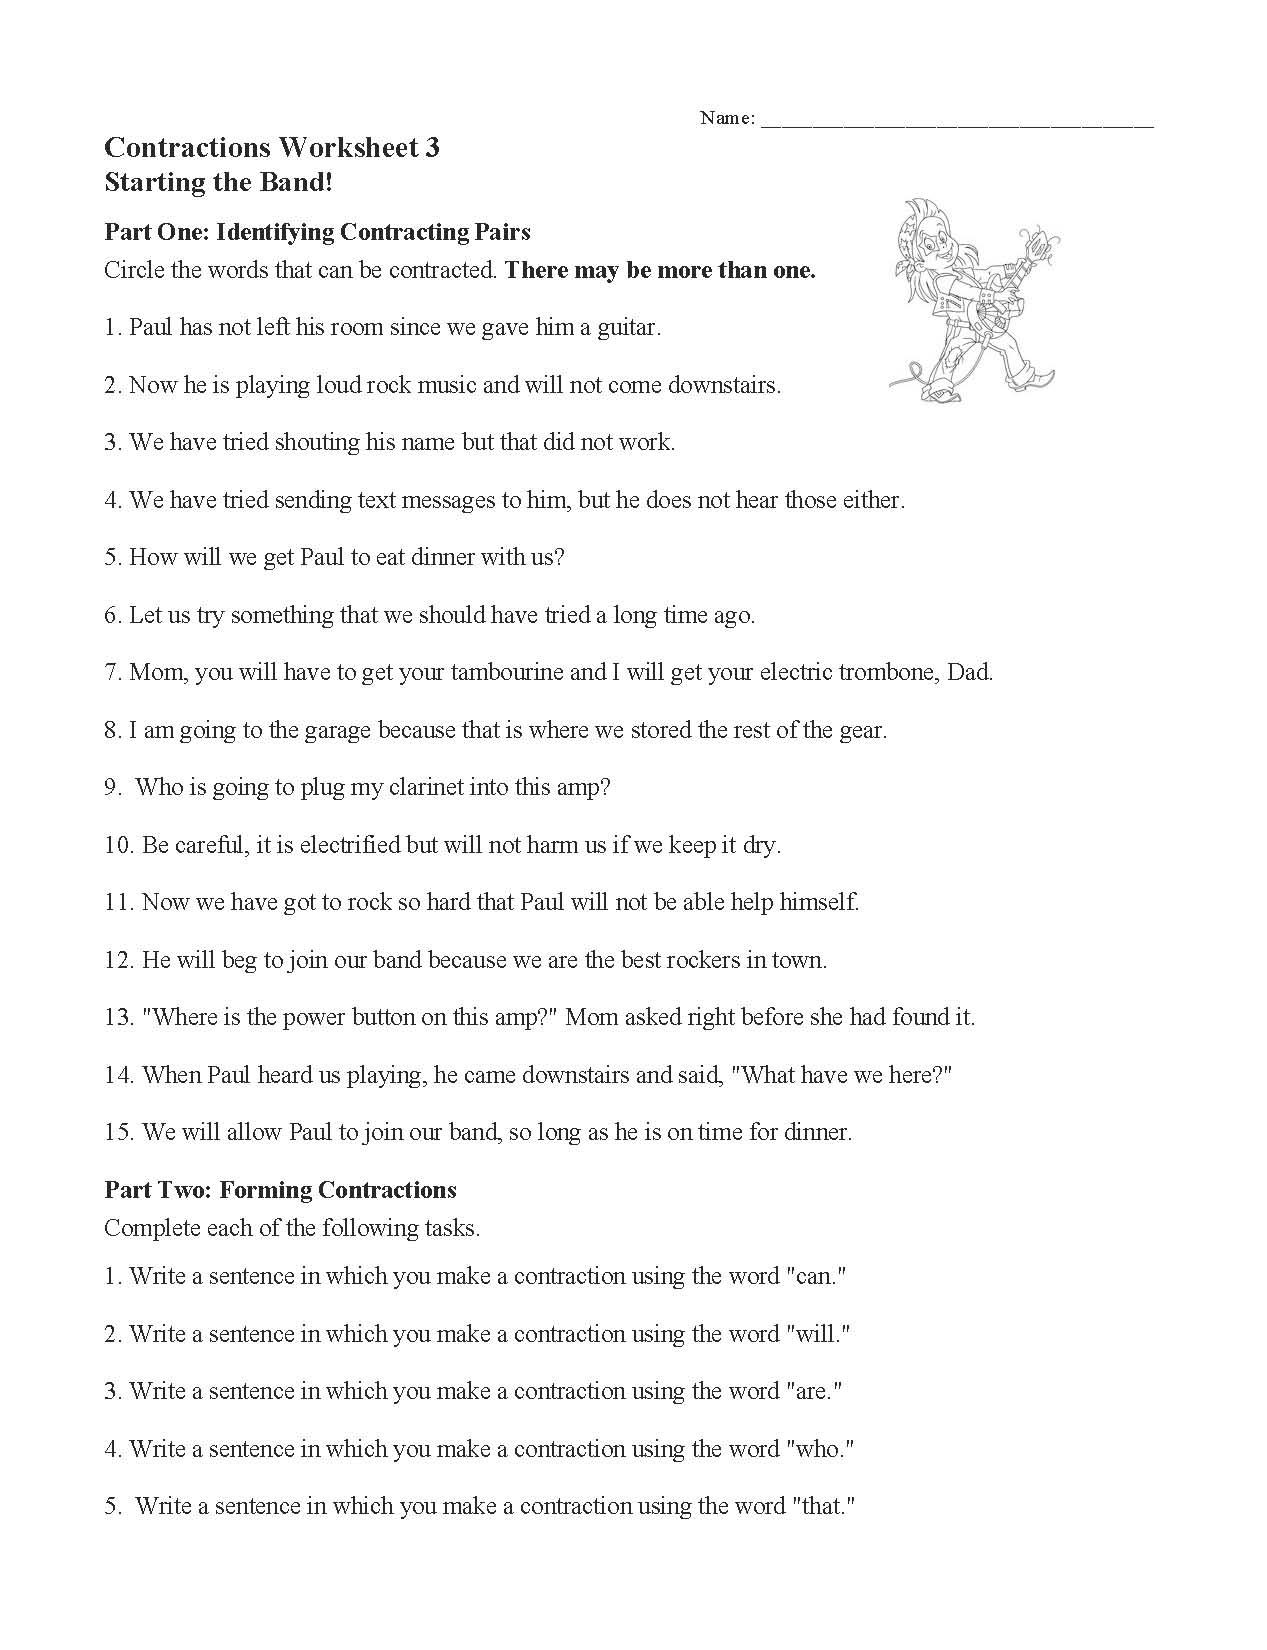 Contractions Worksheet 3